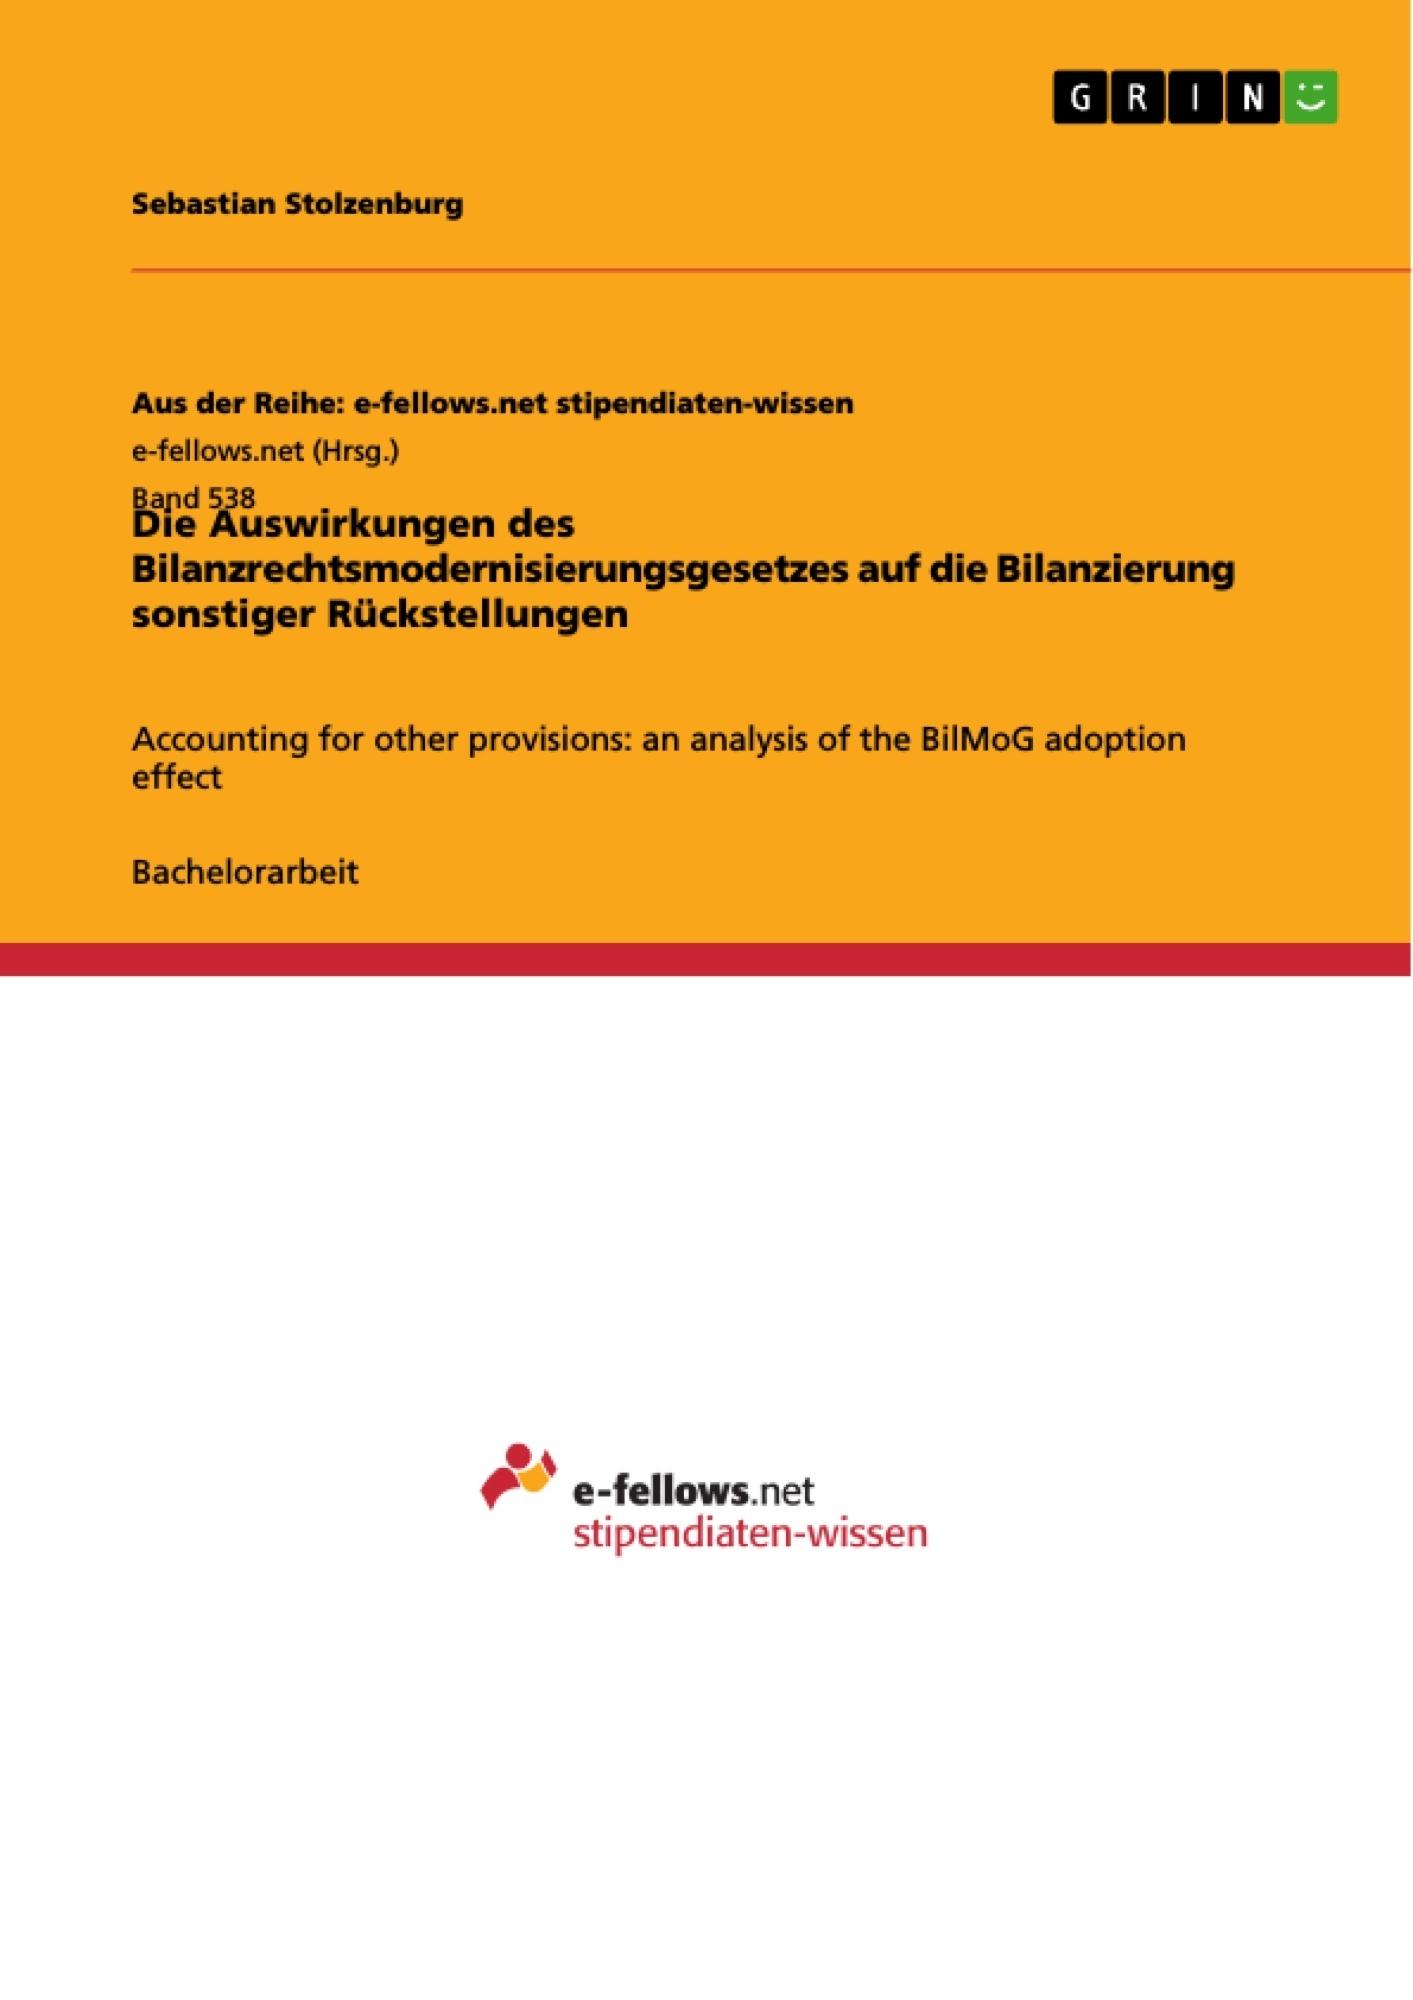 Titel: Die Auswirkungen des Bilanzrechtsmodernisierungsgesetzes auf die Bilanzierung sonstiger Rückstellungen